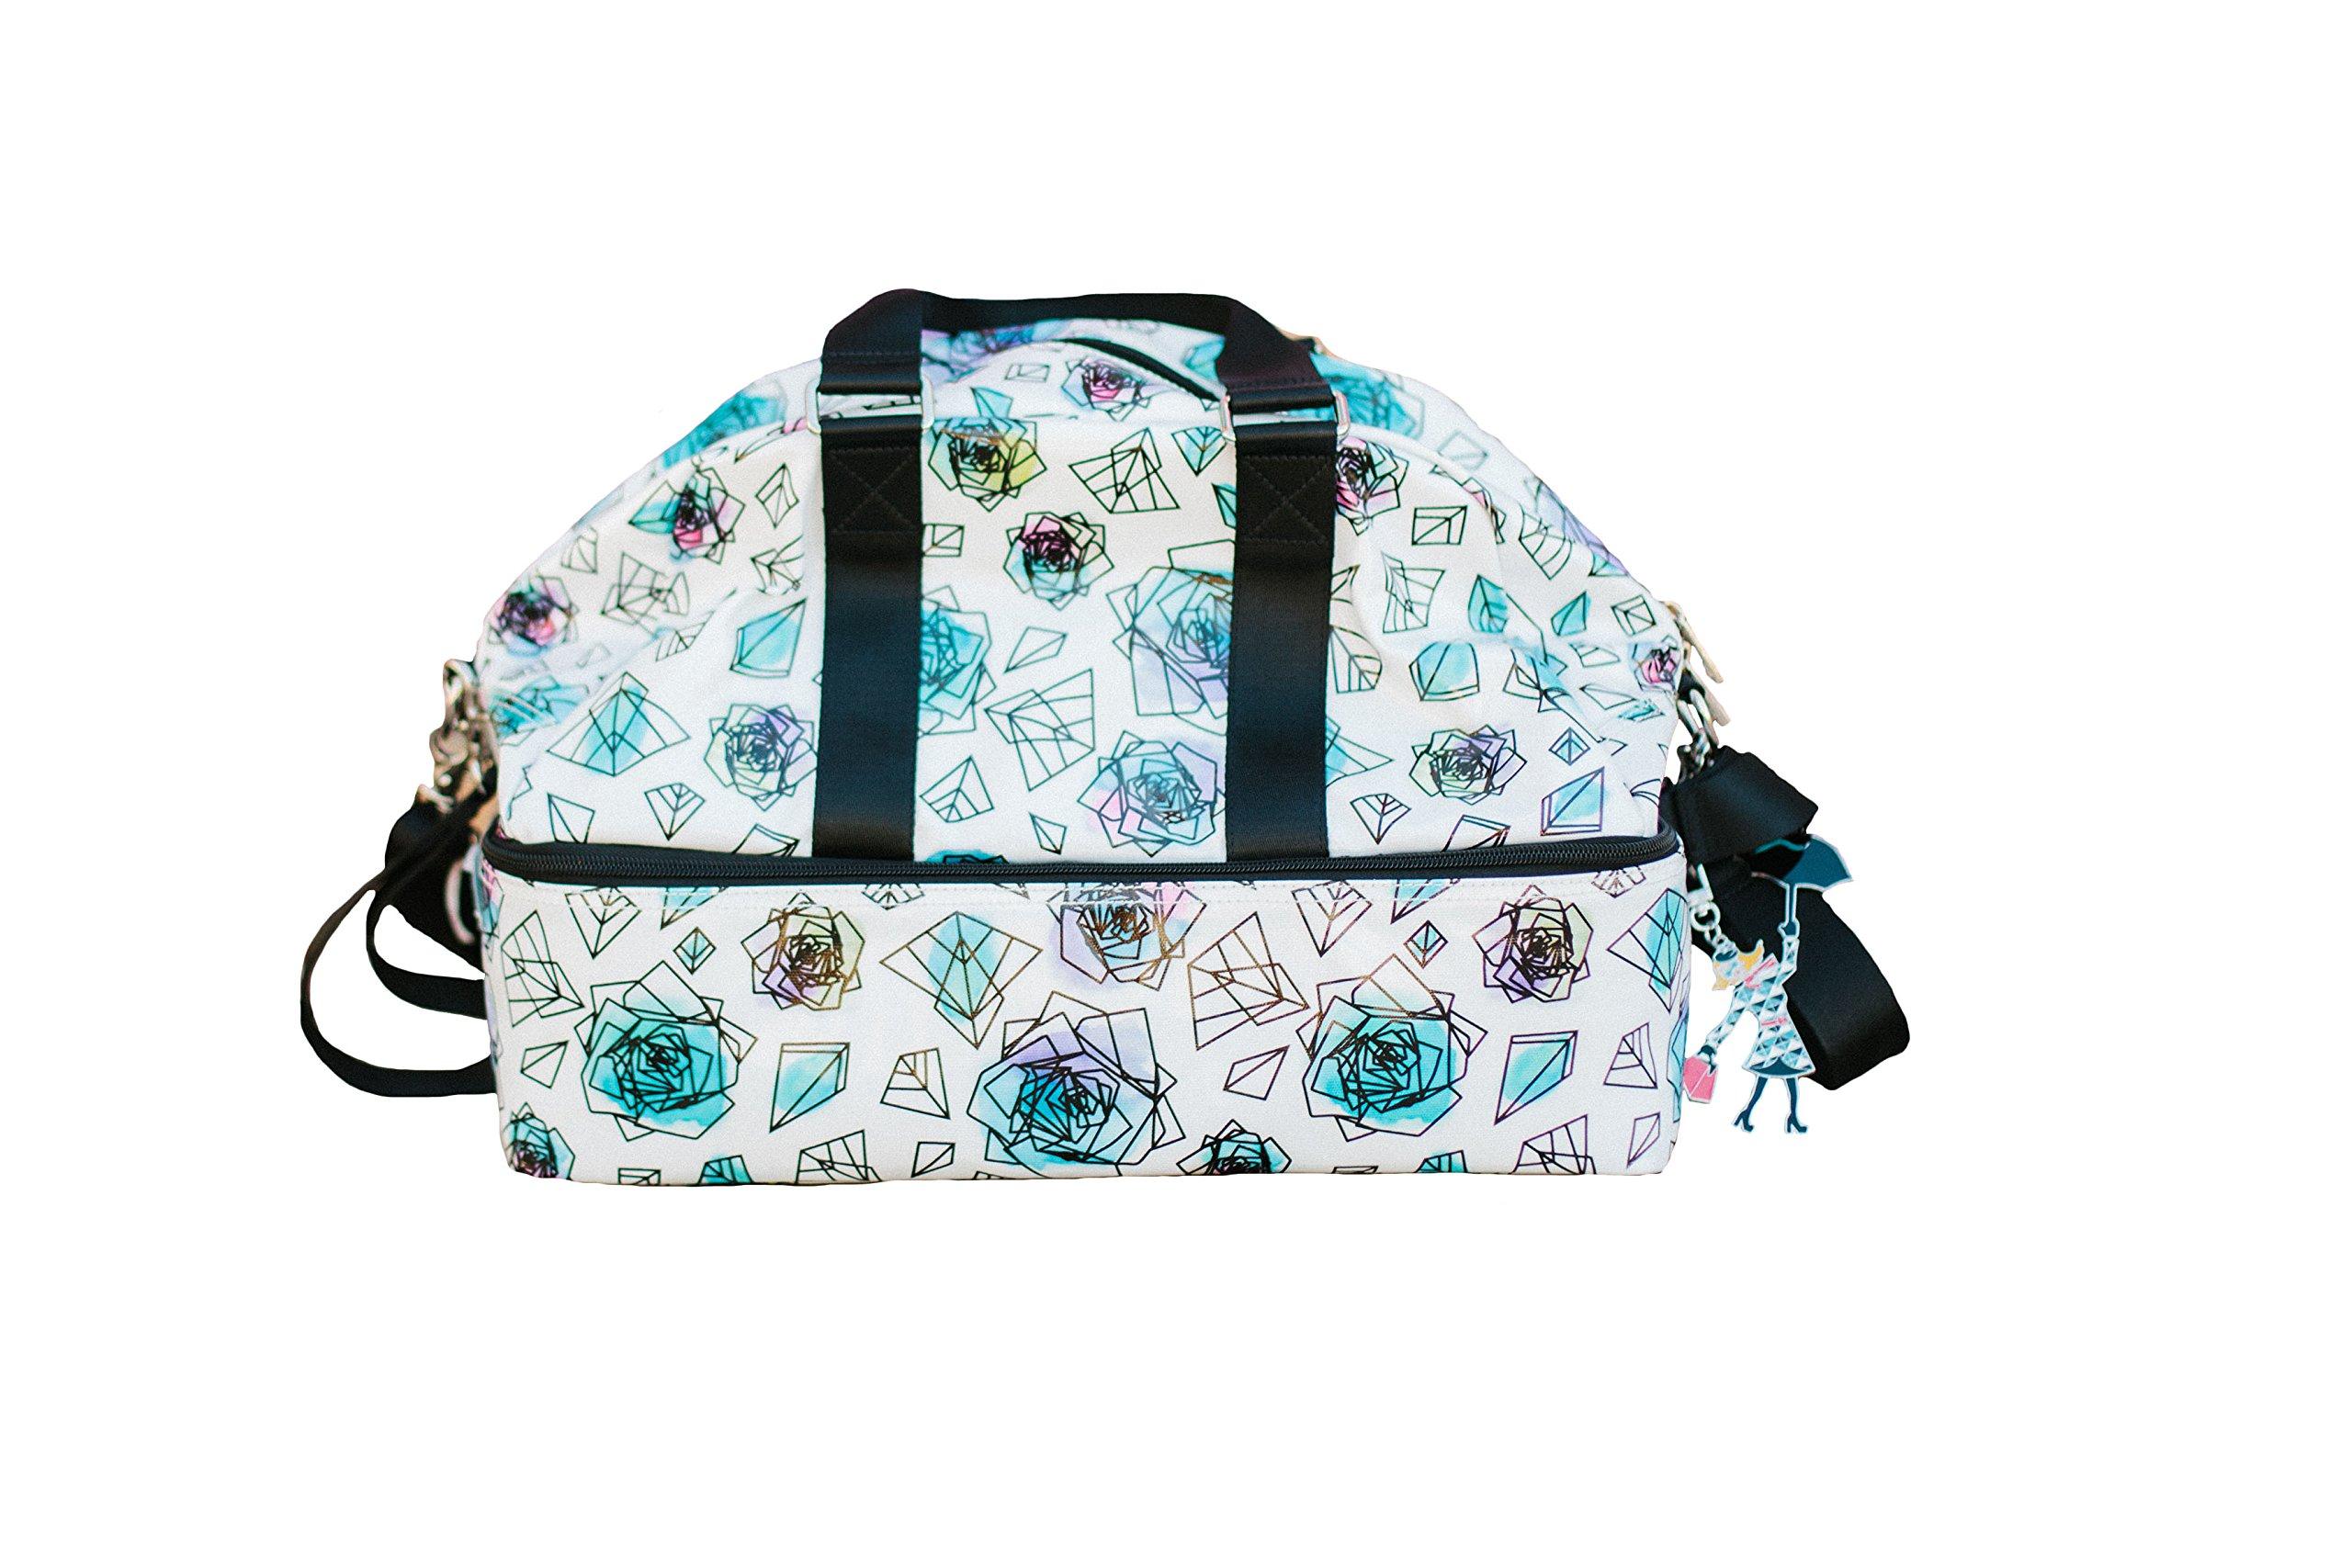 Marilyn Duo Bag for CPAP & BIPAP